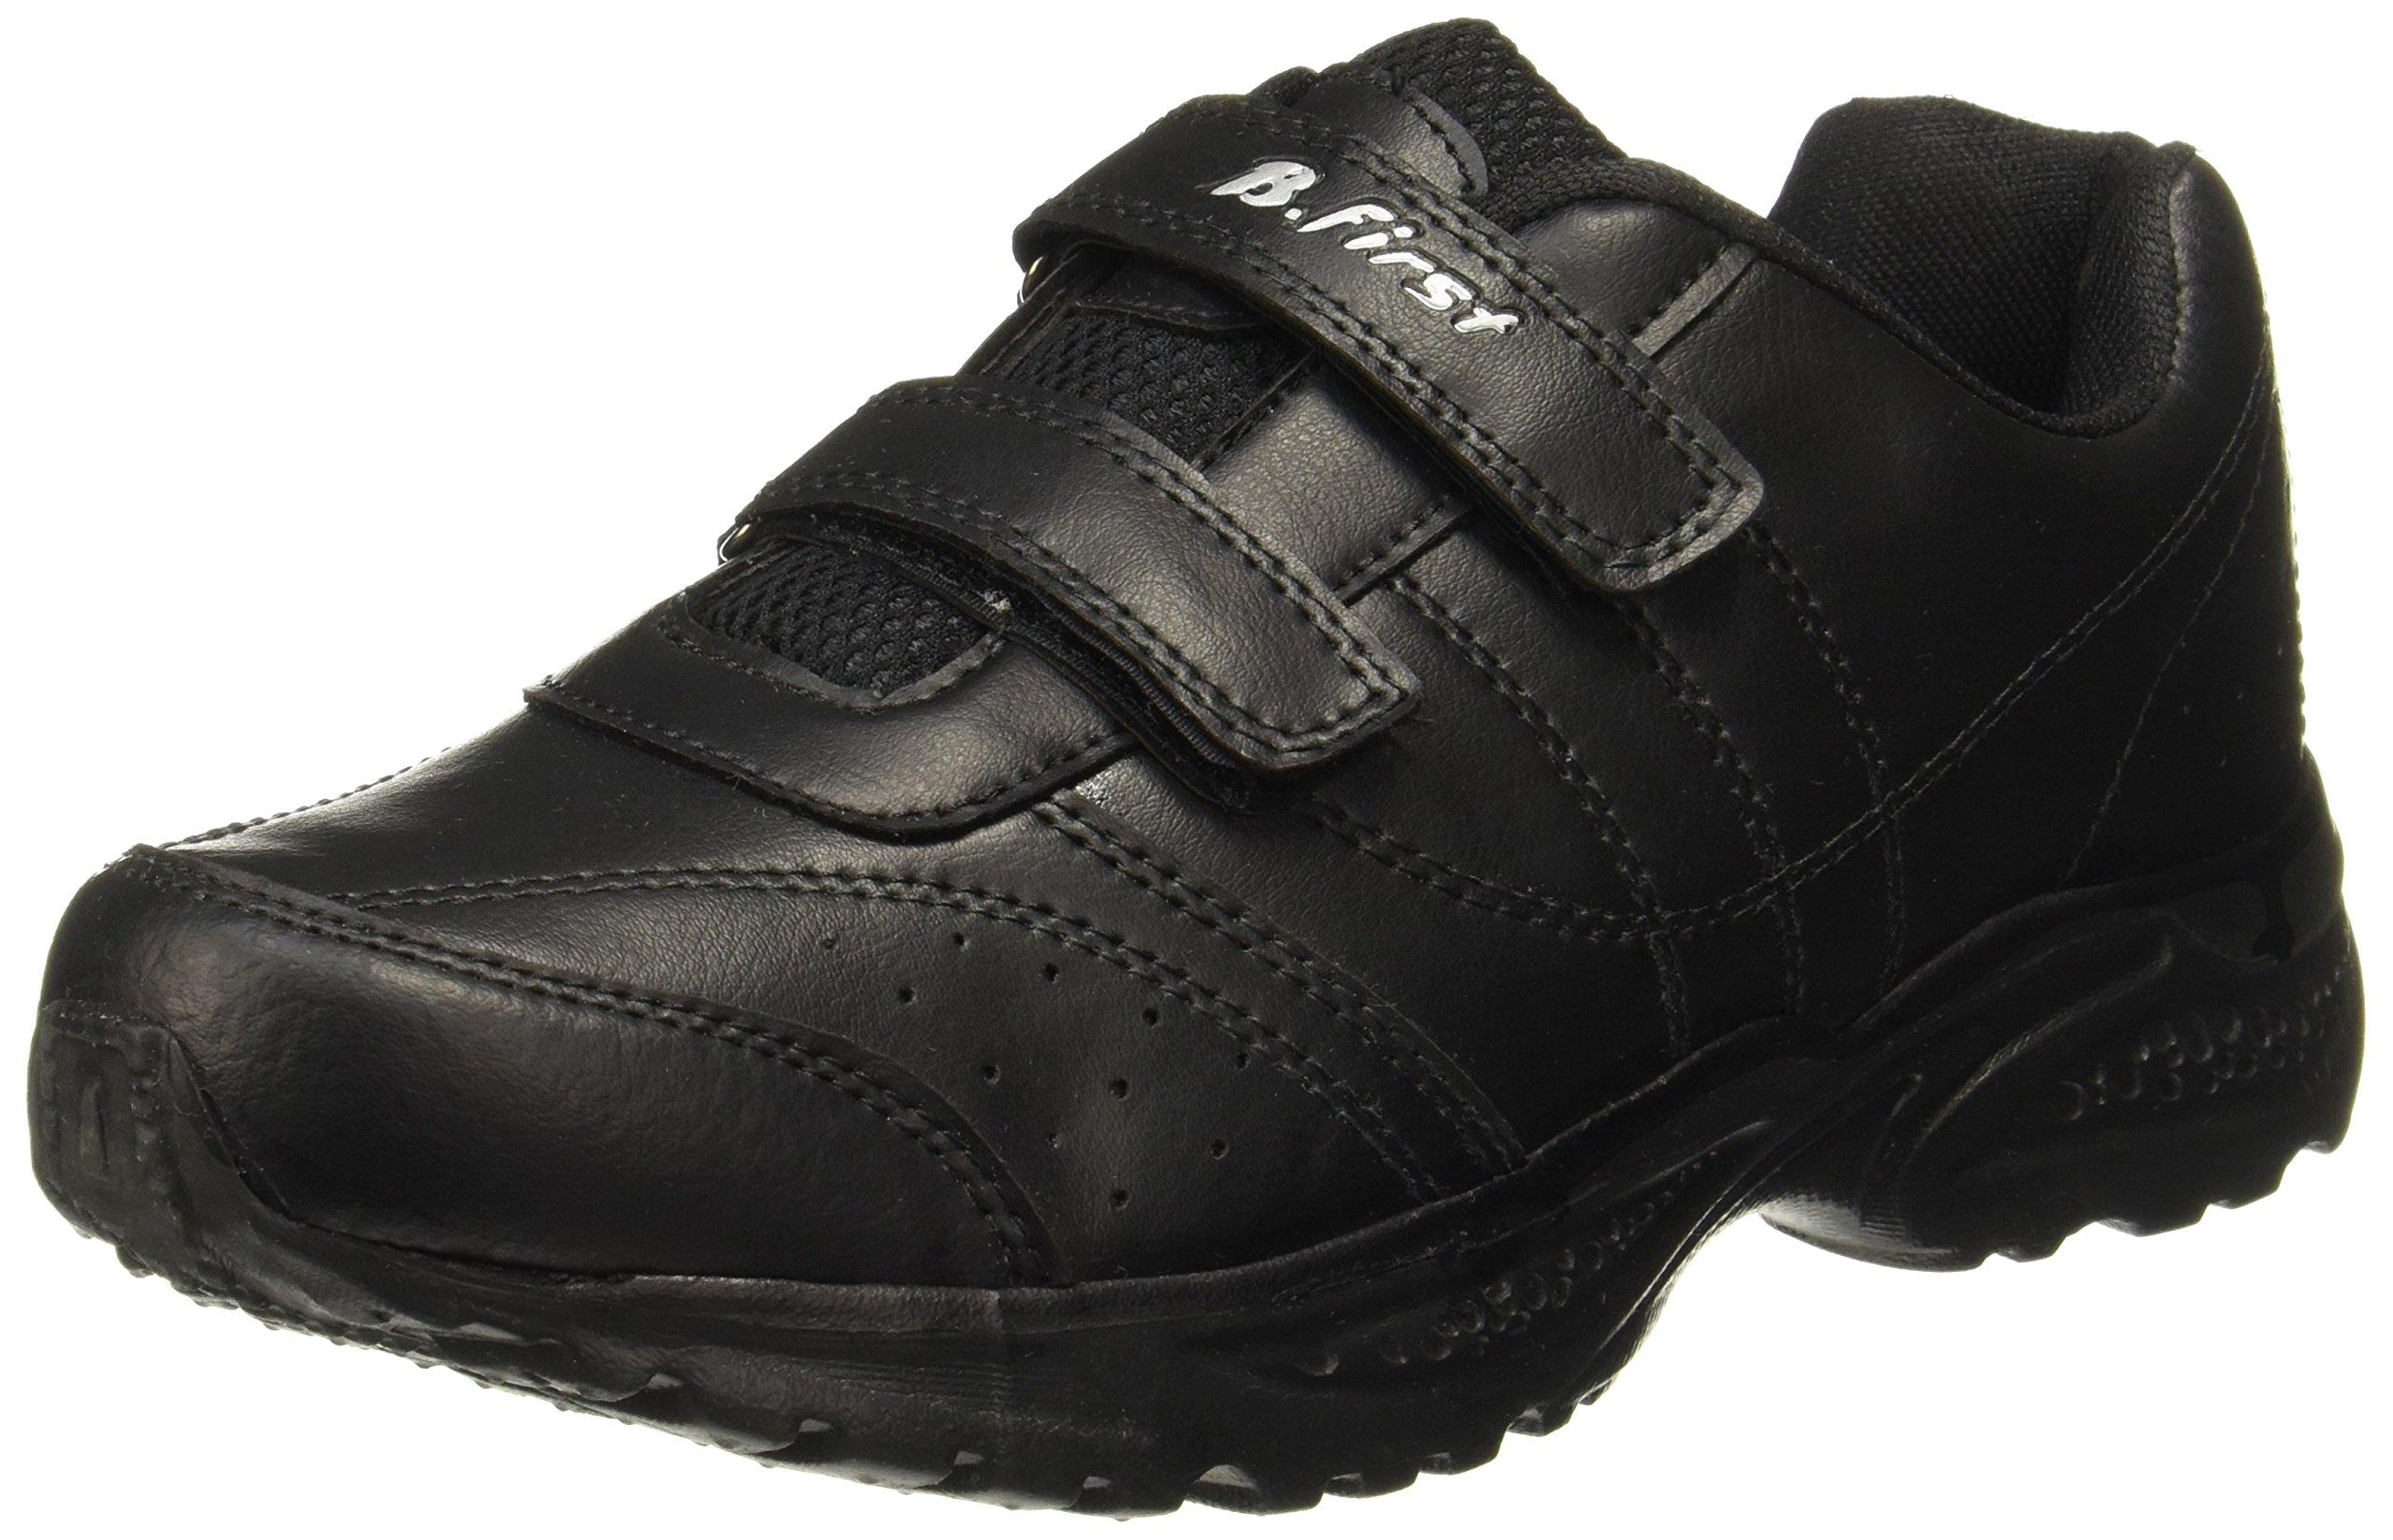 BATA Boy's School Shoes- Buy Online in